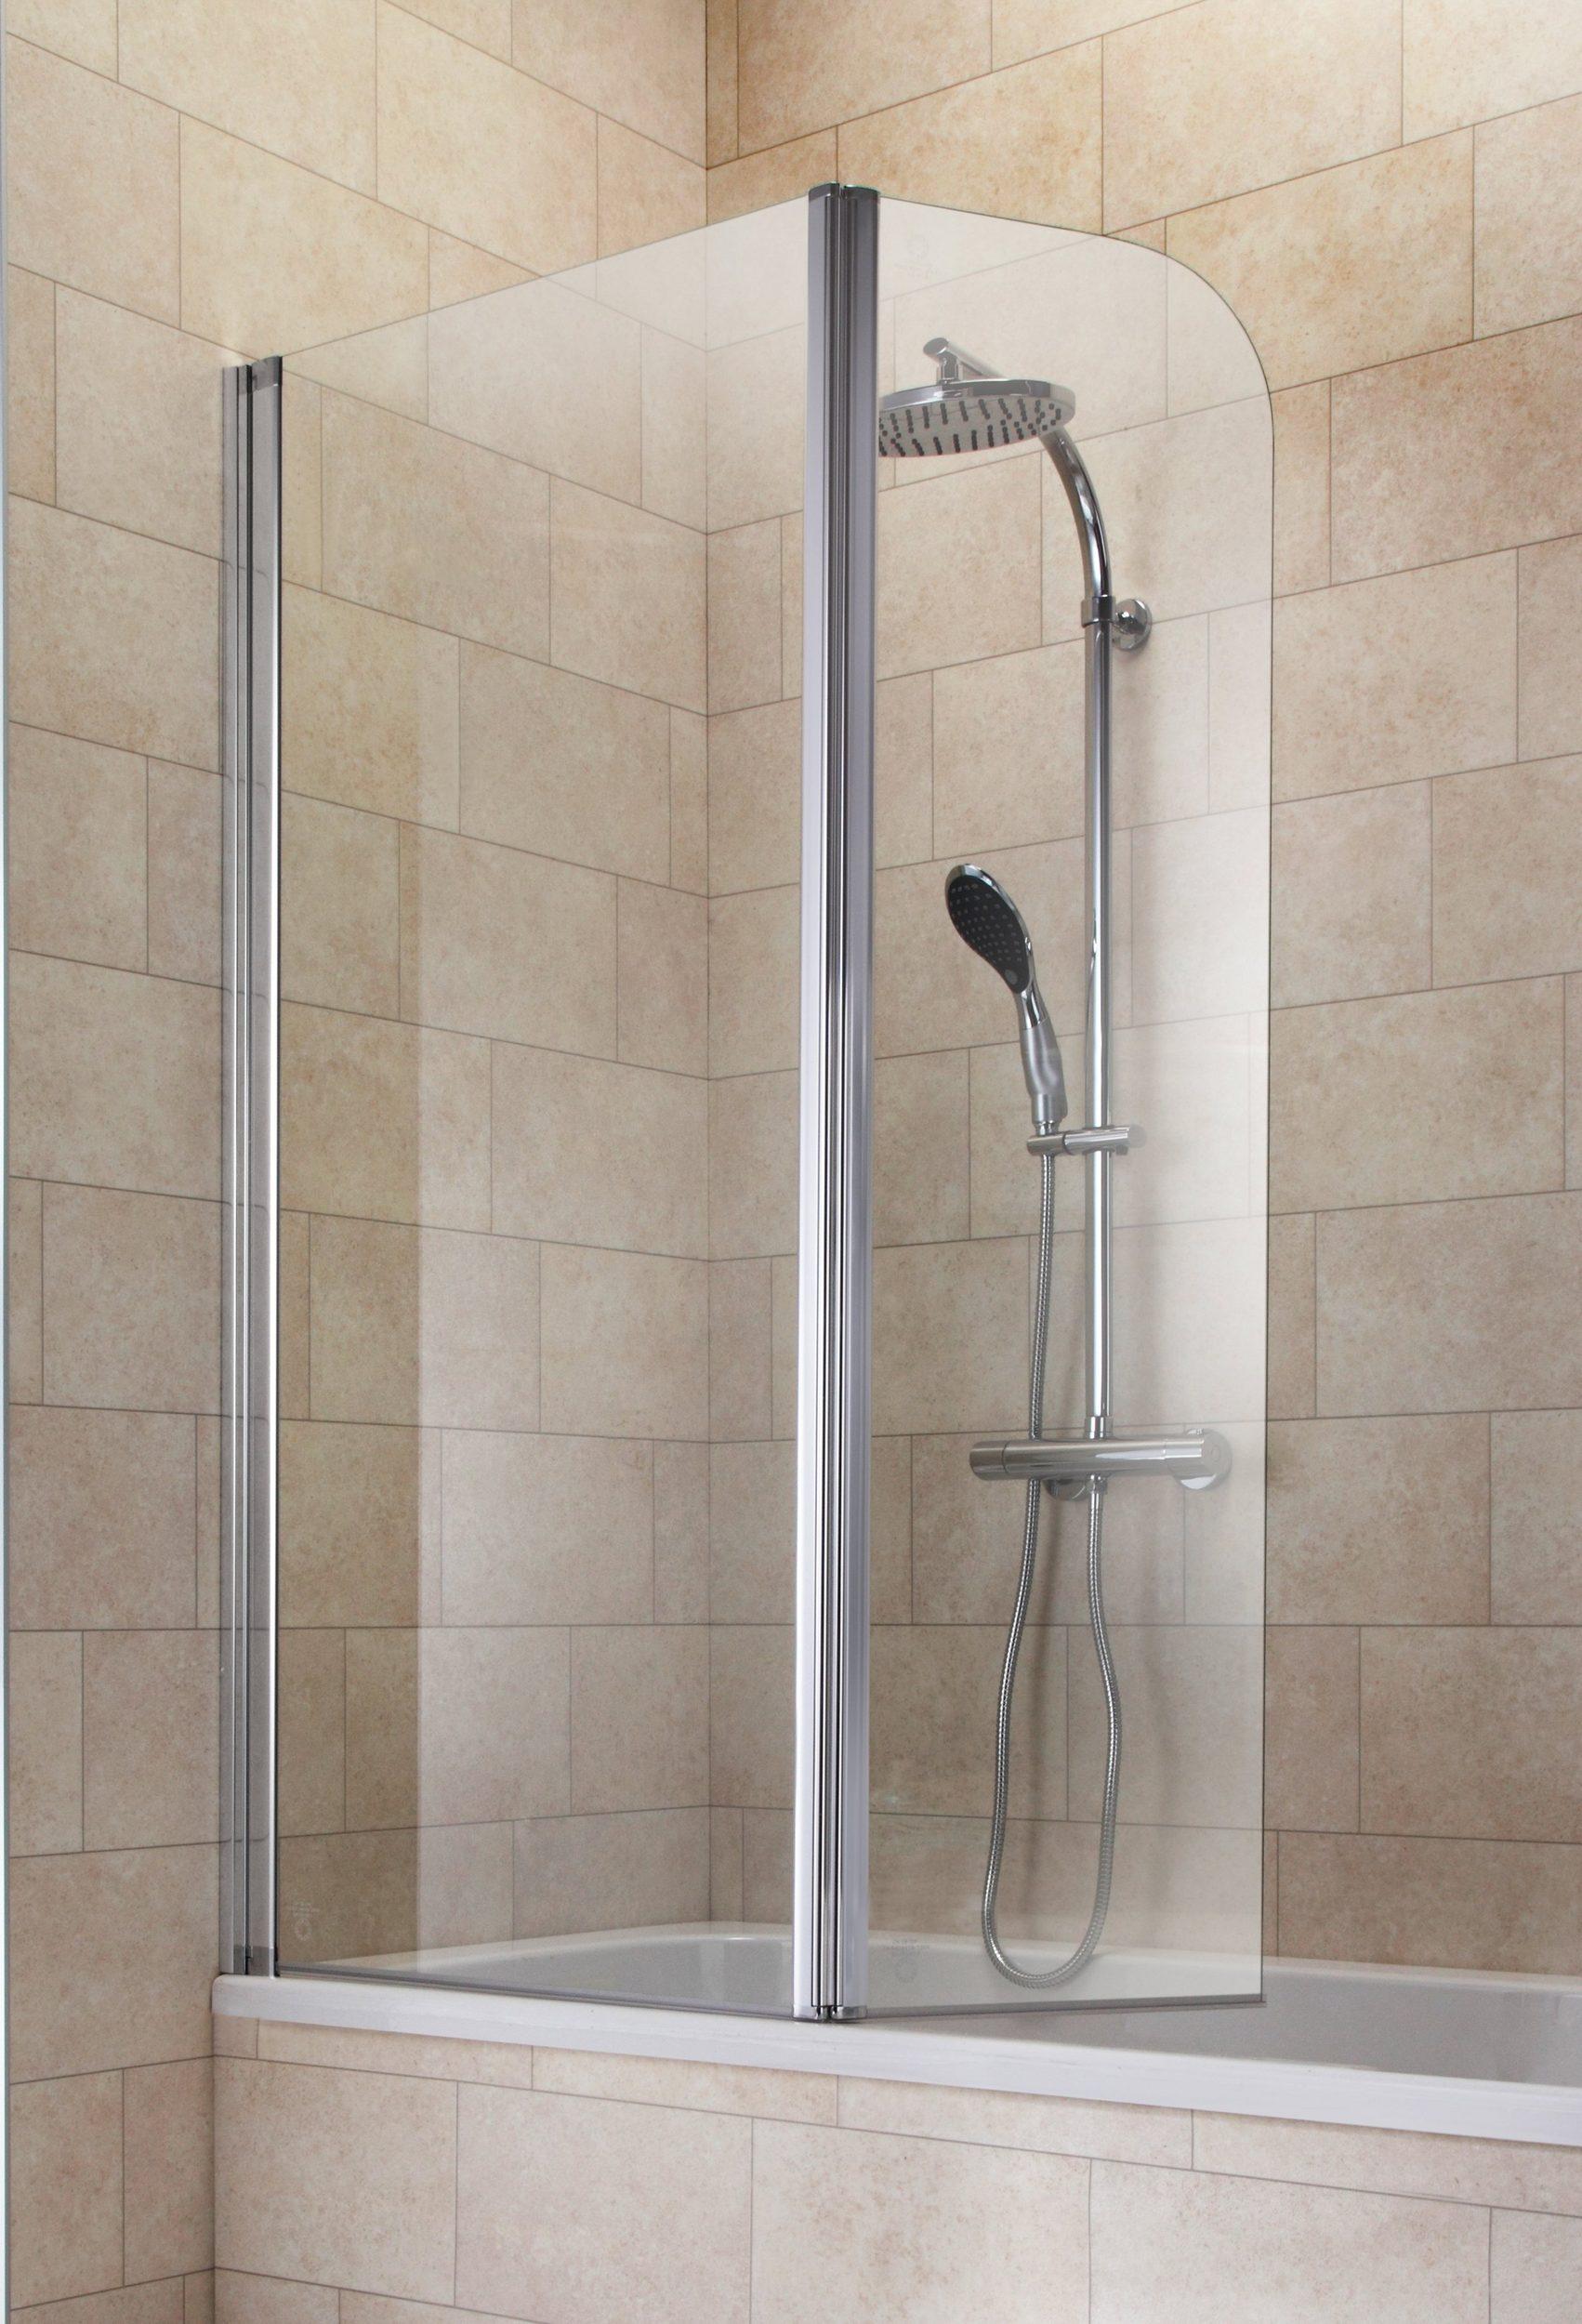 Badewannenaufsatz Aufsatz Glasaufsatz 2 Elemente UVP 179,99€ 7120014